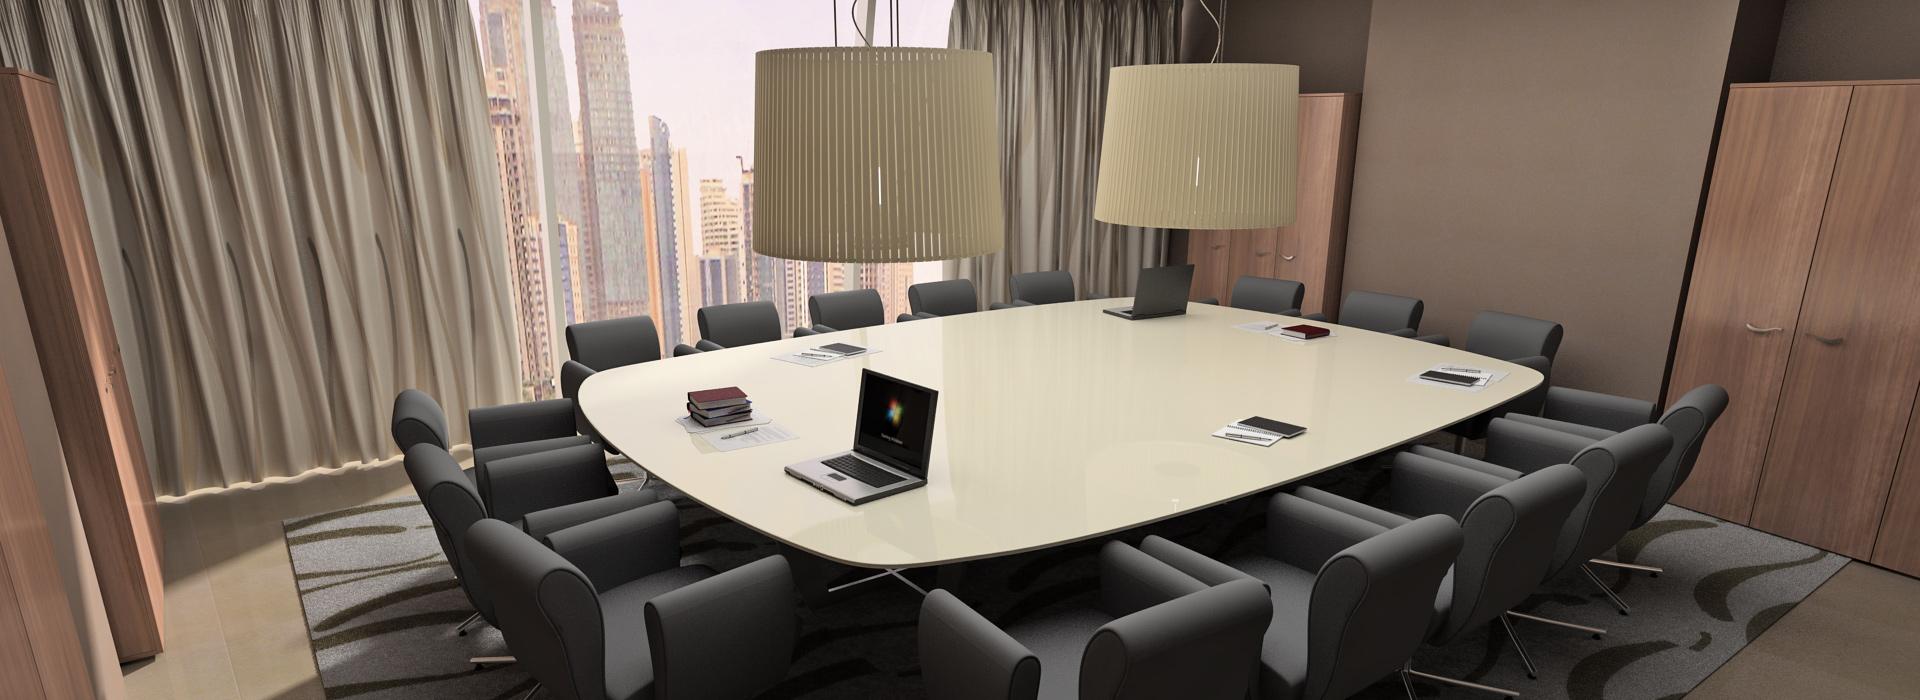 HCSdesign Corporate Interior Design